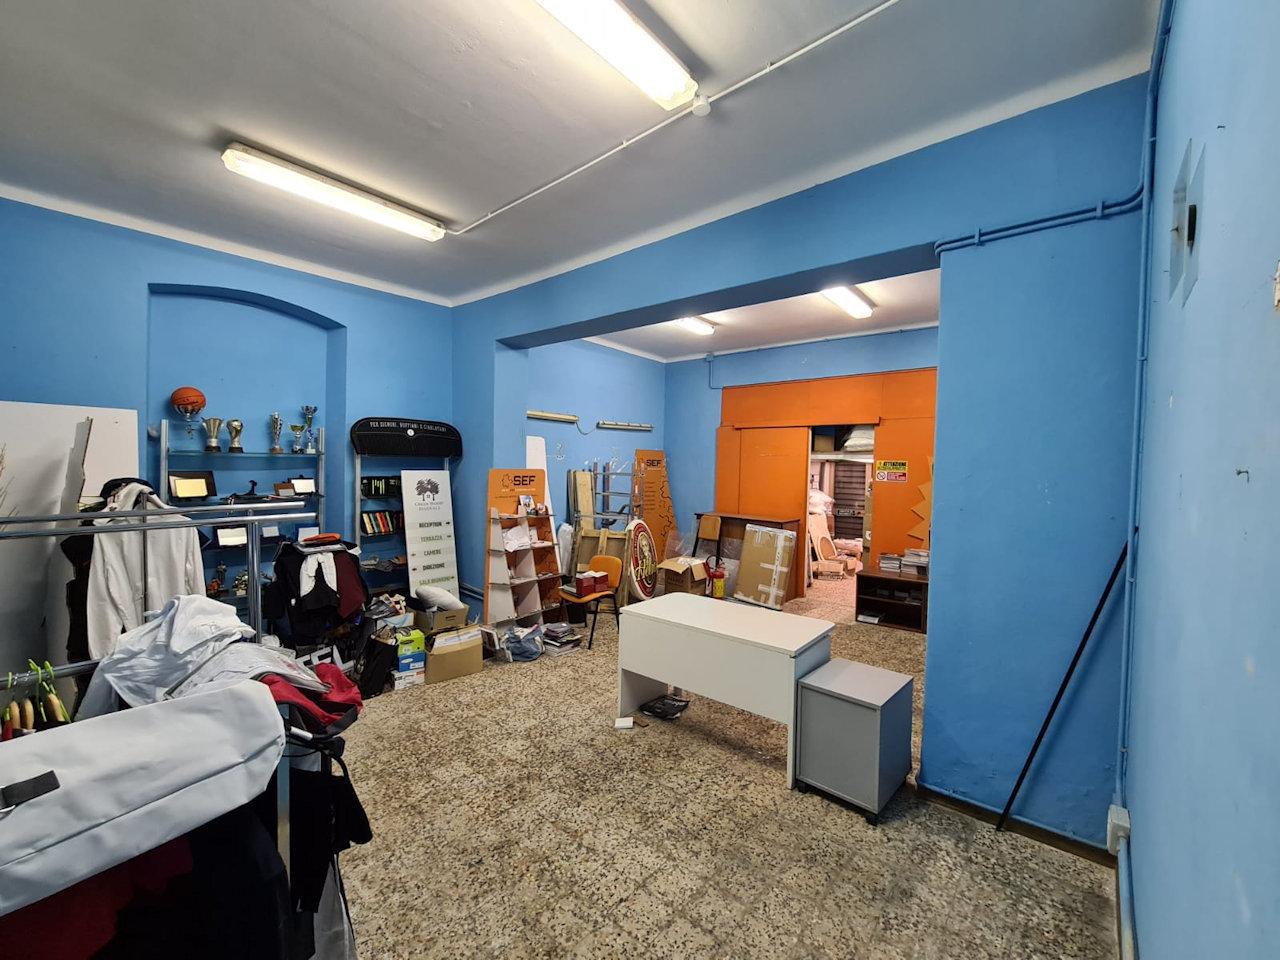 Negozio / Locale in affitto a Rapallo, 2 locali, prezzo € 550 | PortaleAgenzieImmobiliari.it